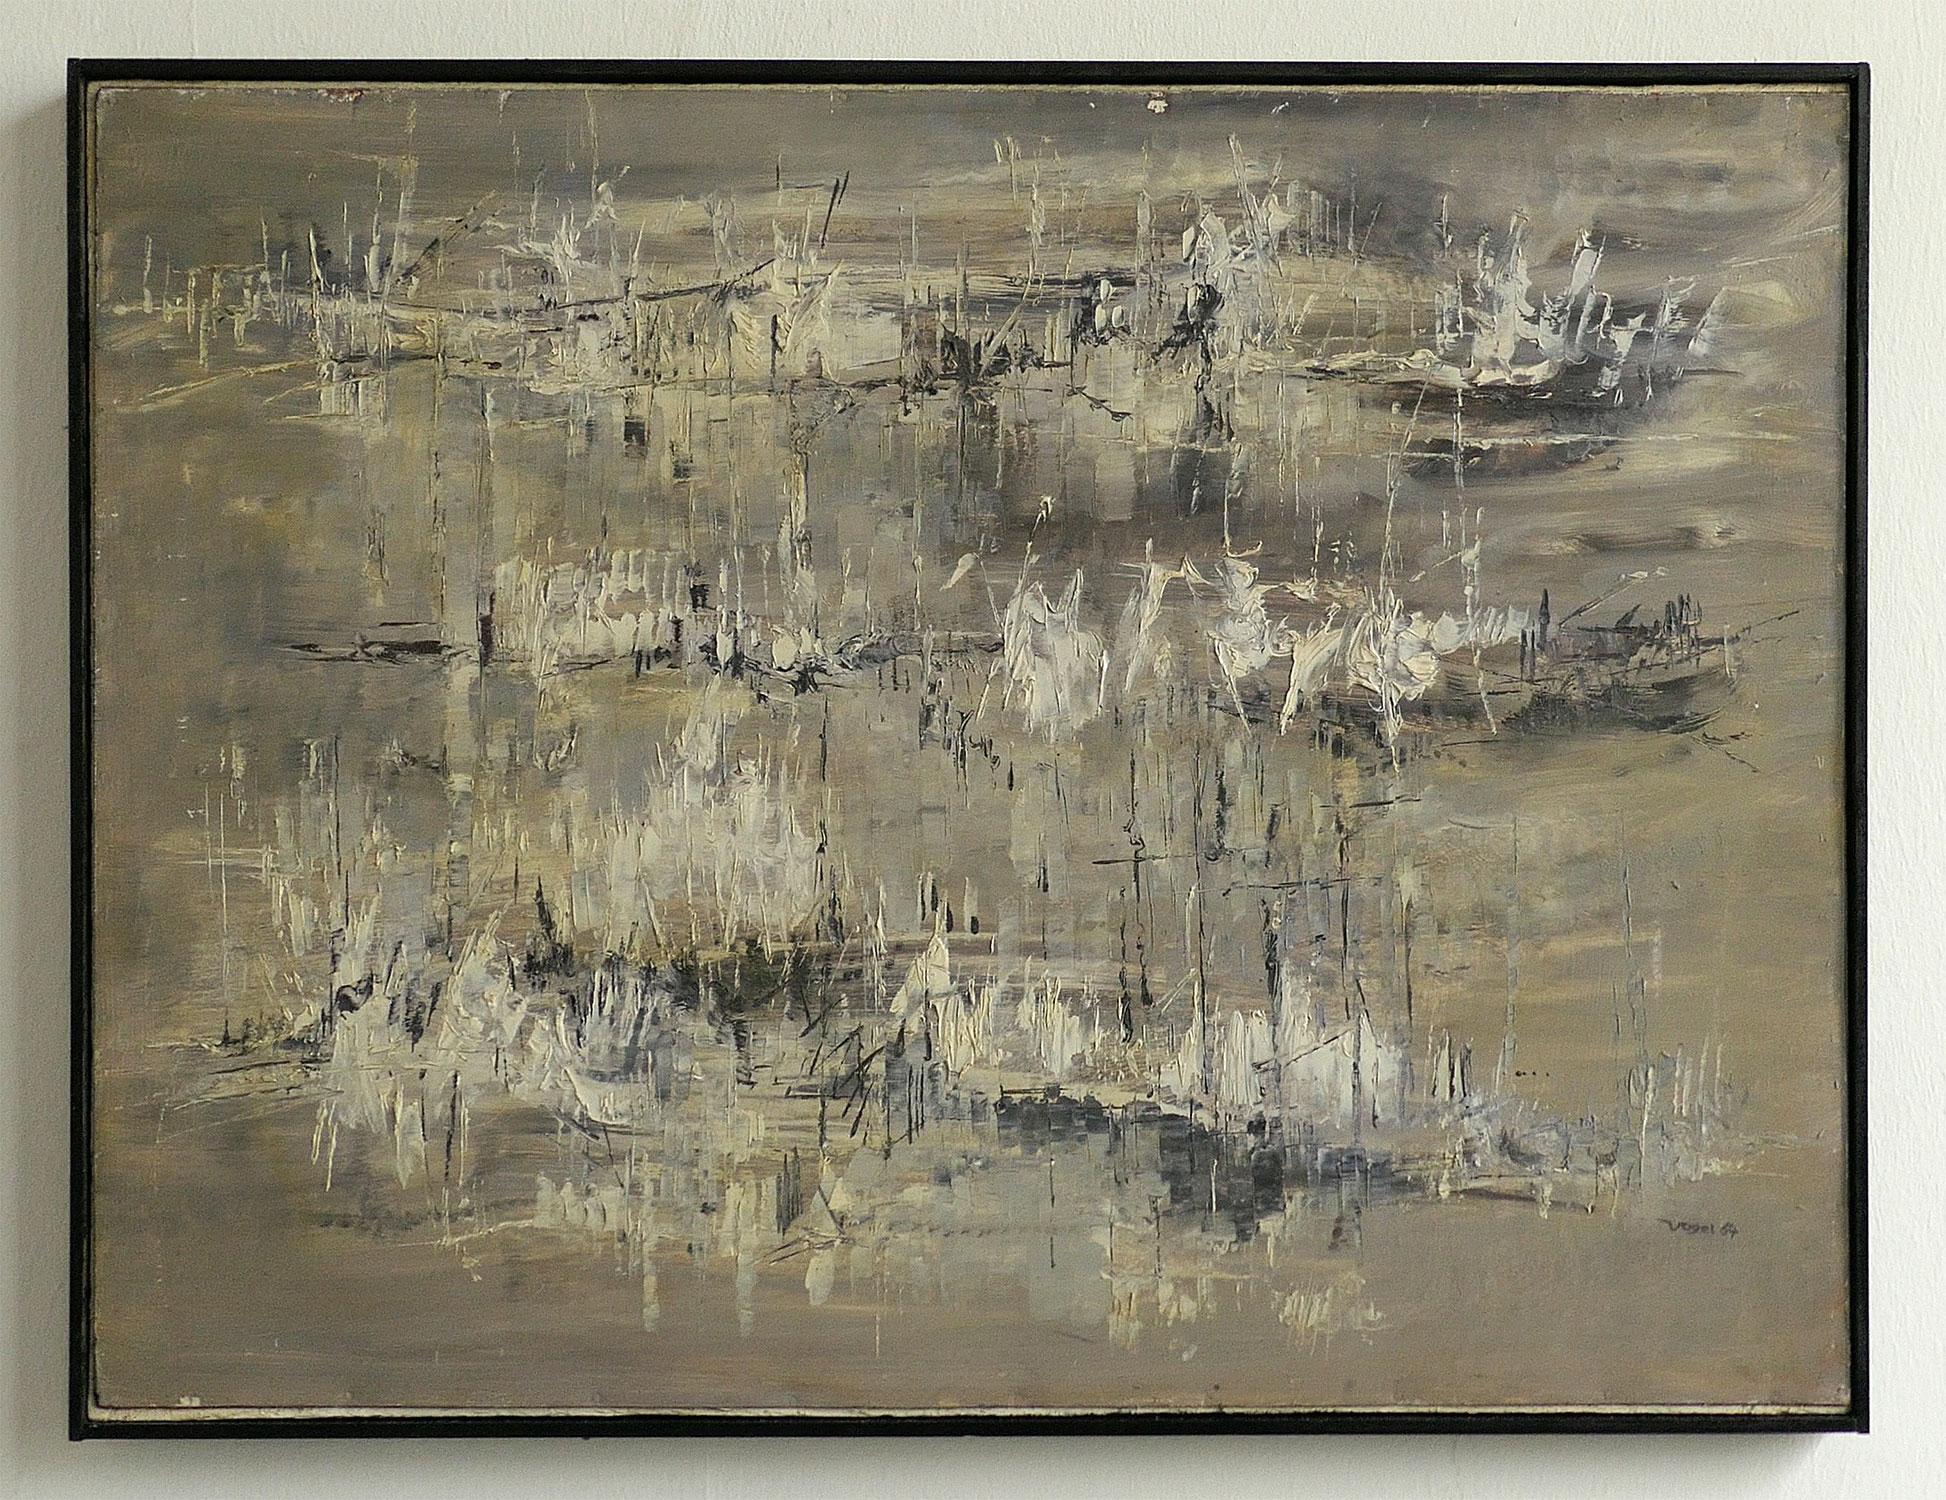 PETER VOGEL - OHNE TITEL, 1964